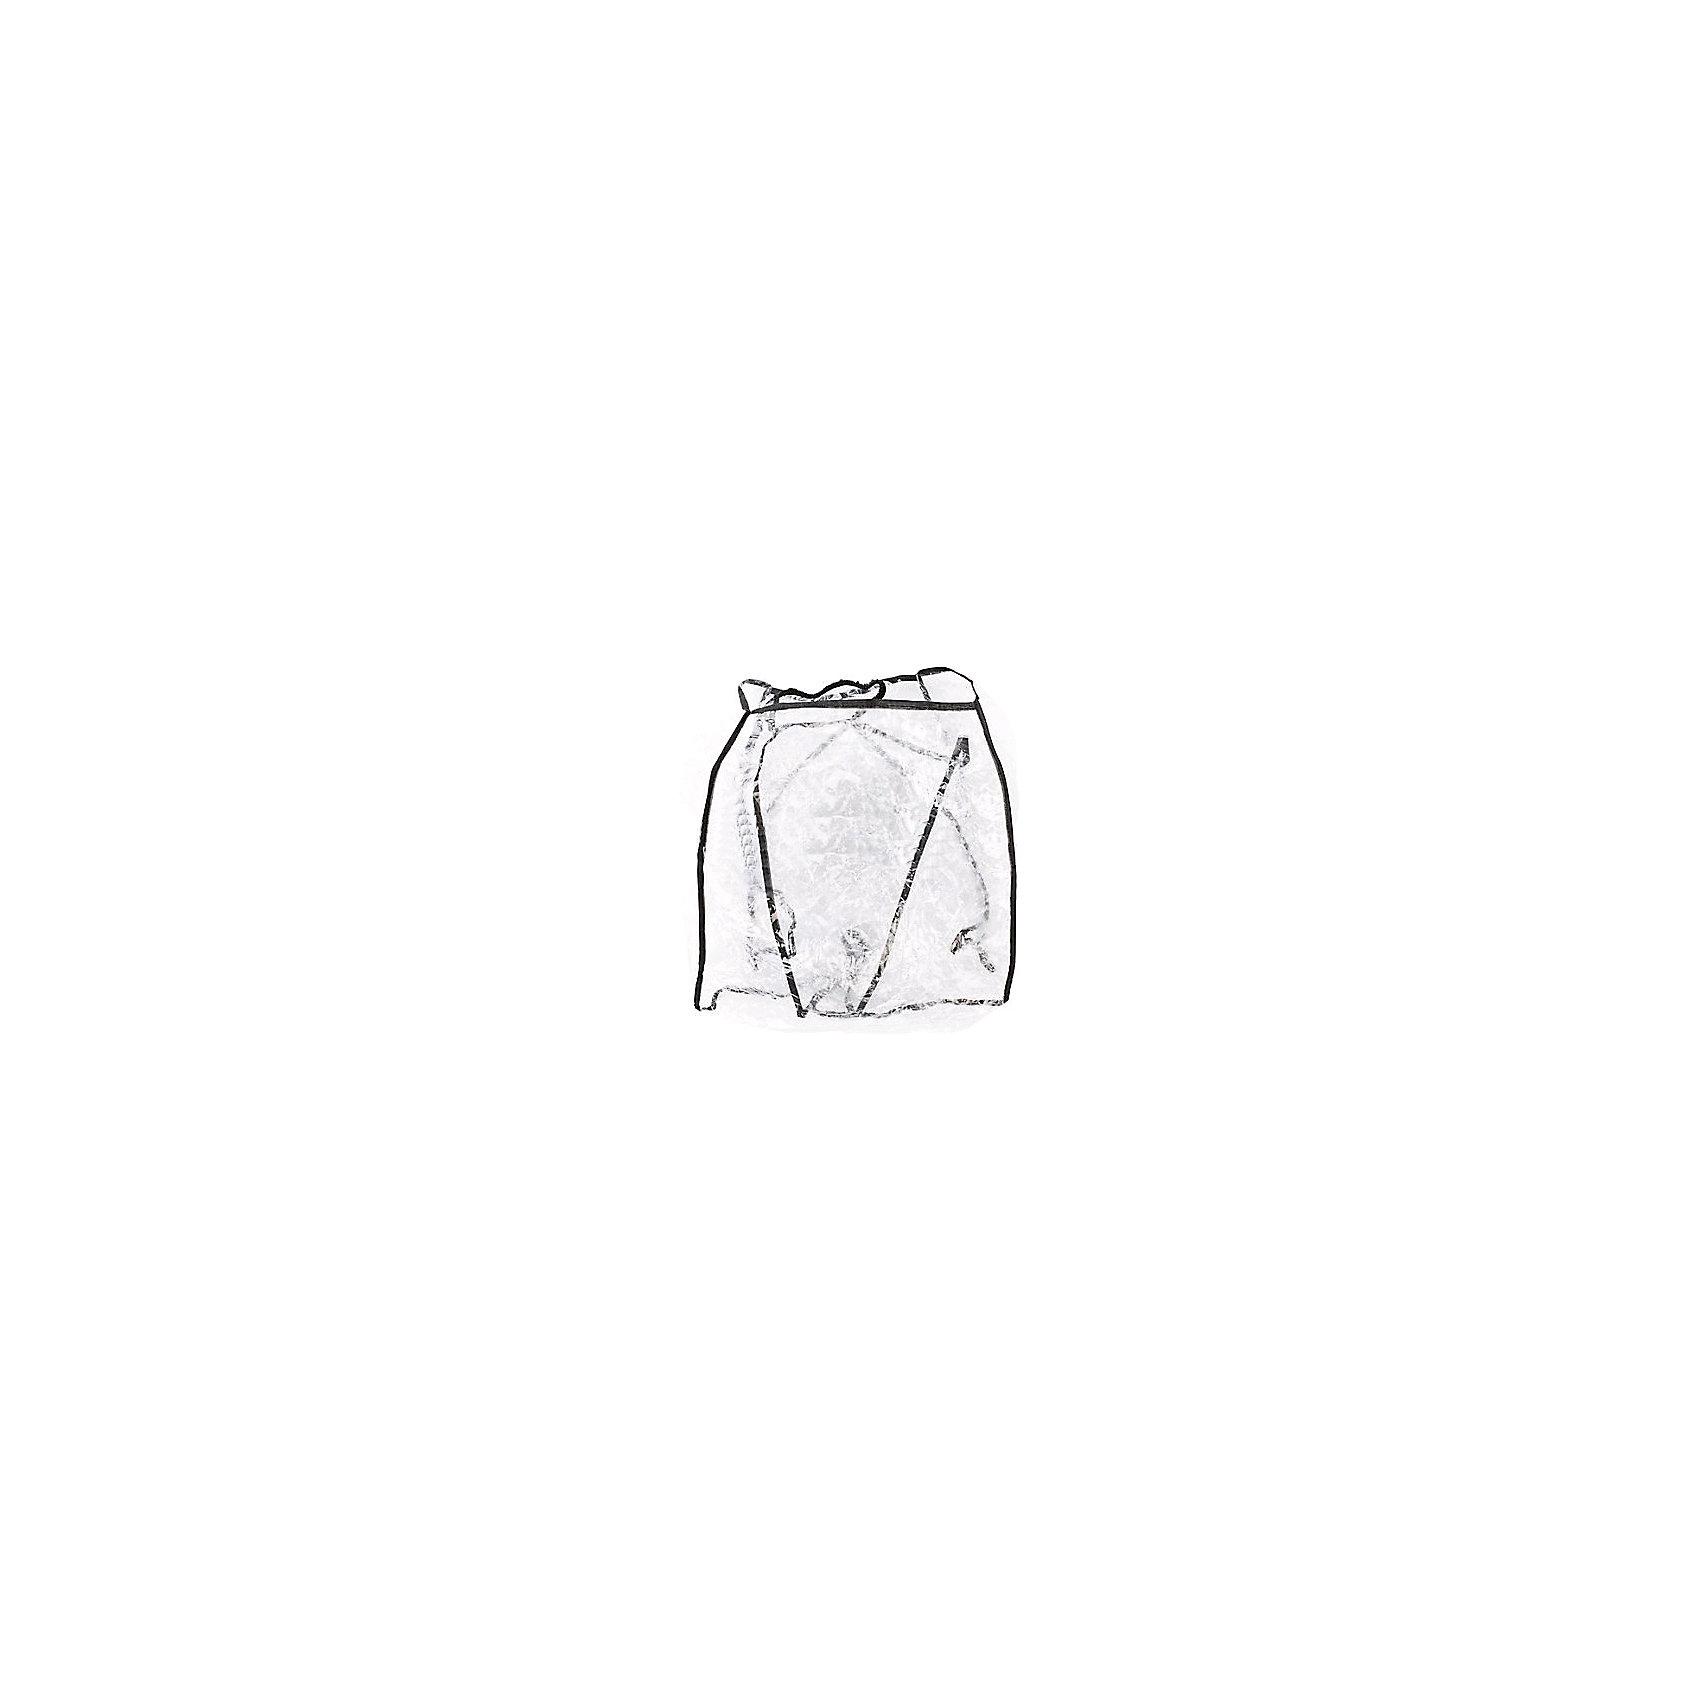 Дождевик на коляску универсальный в сумке, Roxy-KidsАксессуары для колясок<br>Характеристики:<br><br>• Предназначение: дождевик на коляску<br>• Пол: универсальный<br>• Цвет: прозрачный<br>• Материал: полиэтилен<br>• Универсальный размер<br>• Вентиляционные отверстия<br>• Вес: 300 г<br>• Размеры (Д*Ш*В): 25*6*25 см<br><br>Дождевик на коляску универсальный в сумке, Roxy-Kids выполнен из прозрачного полиэтилена, обладающего повышенной прочностью. Края изделия обработаны кантом, что защищает от деформации и при этом обеспечивает дополнительную фиксацию на коляске. У чехла предусмотрены вентиляционные отверстия. Дождевик выполнен в универсальном размере, поэтому подходит для колясок классических моделей: от люльки до колясок-тростей.<br><br>Дождевик на коляску универсальный в сумке, Roxy-Kids можно купить в нашем интернет-магазине.<br><br>Ширина мм: 250<br>Глубина мм: 250<br>Высота мм: 60<br>Вес г: 300<br>Возраст от месяцев: 0<br>Возраст до месяцев: 36<br>Пол: Унисекс<br>Возраст: Детский<br>SKU: 5489924